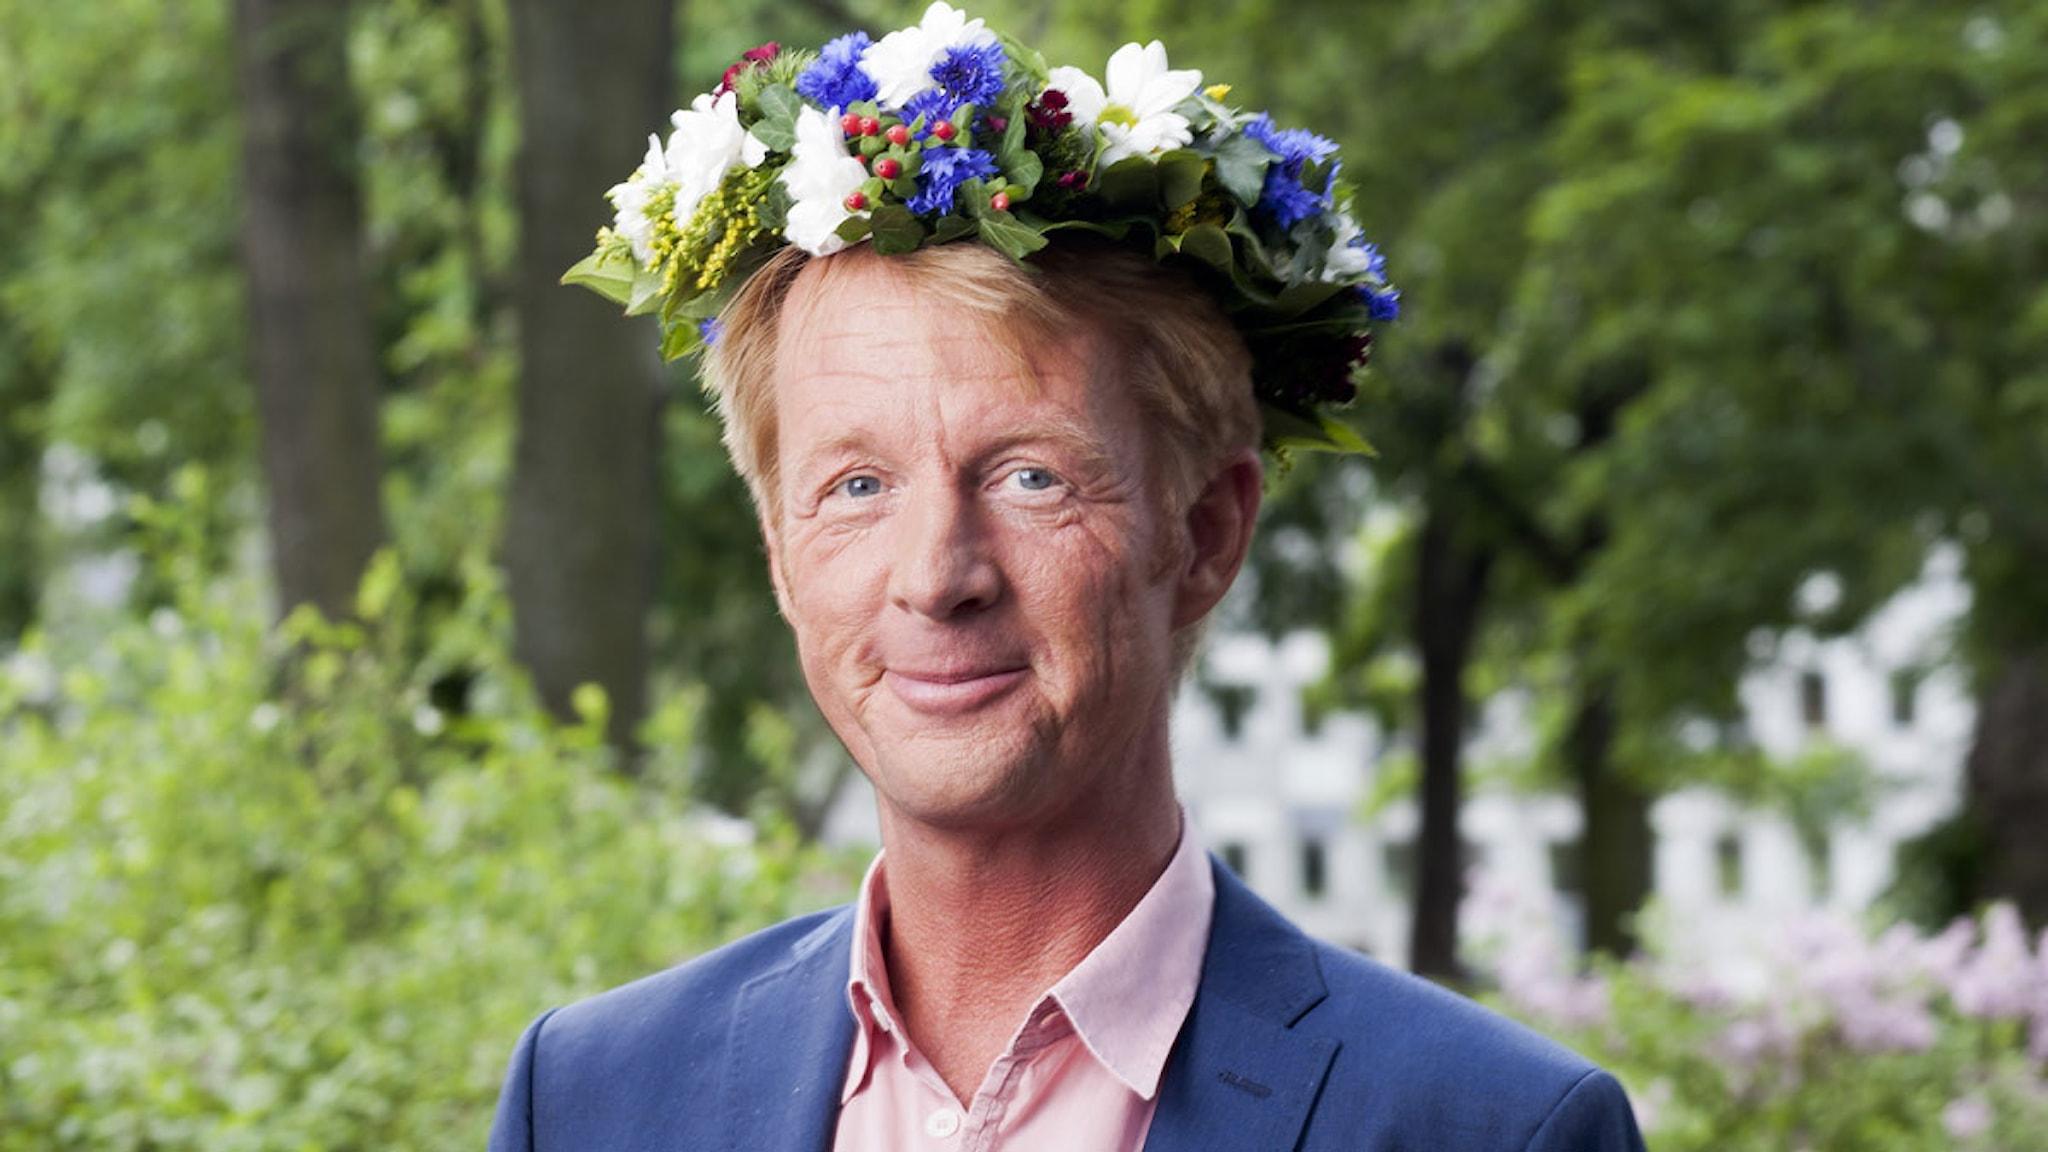 Björn Lindeblad foto: Mattias Ahlm/Sveriges Radio